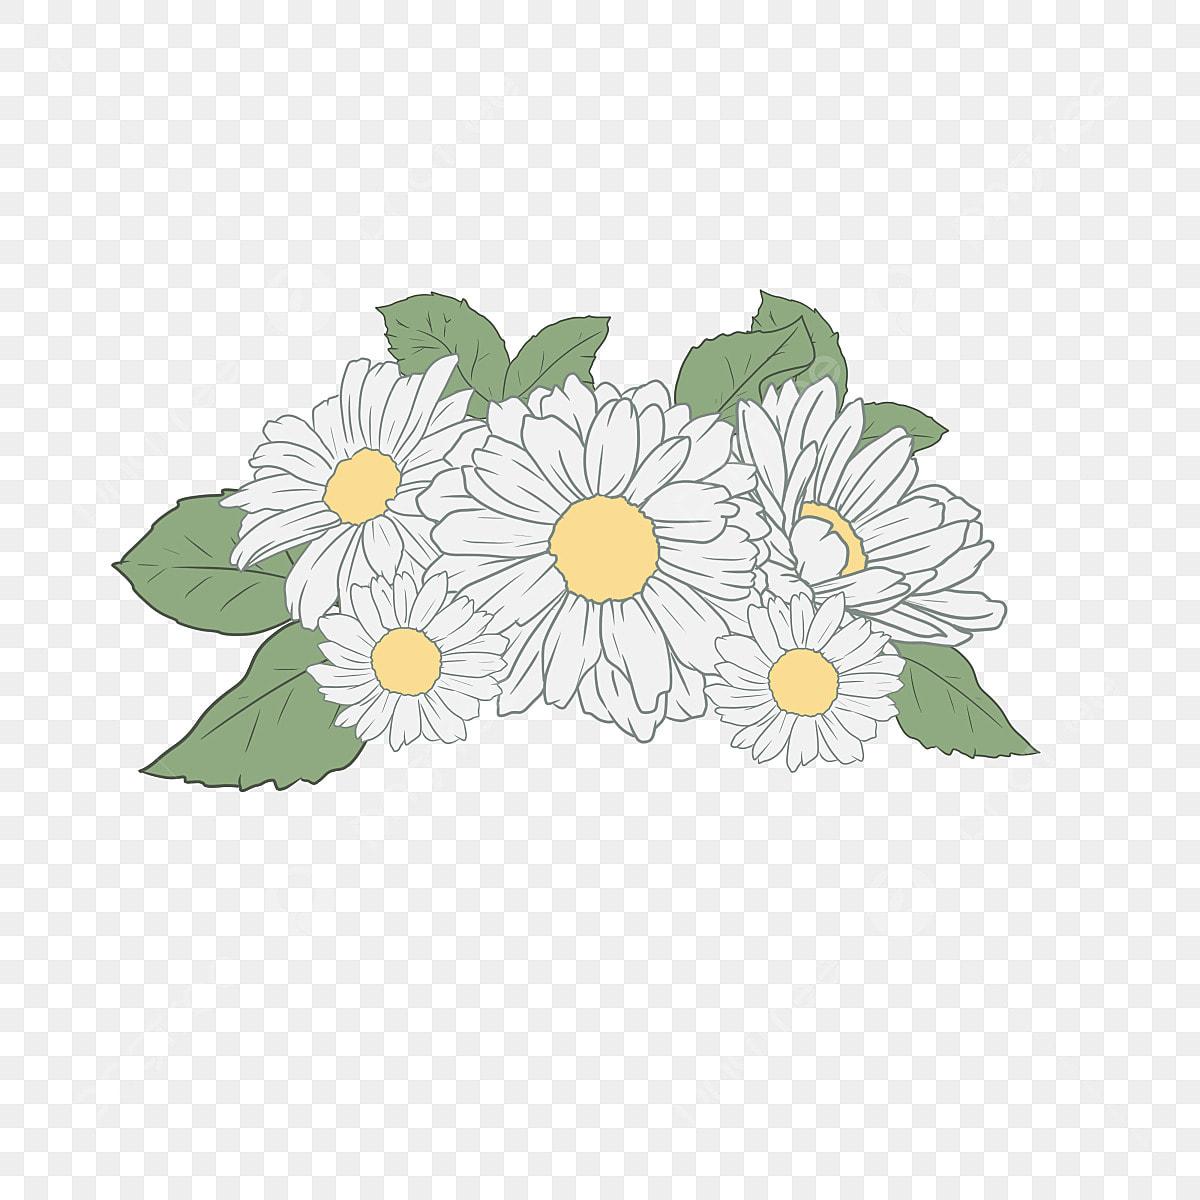 Daisy Putih Gambar PNG   File Vektor Dan PSD   Unduh Gratis Di Pngtree